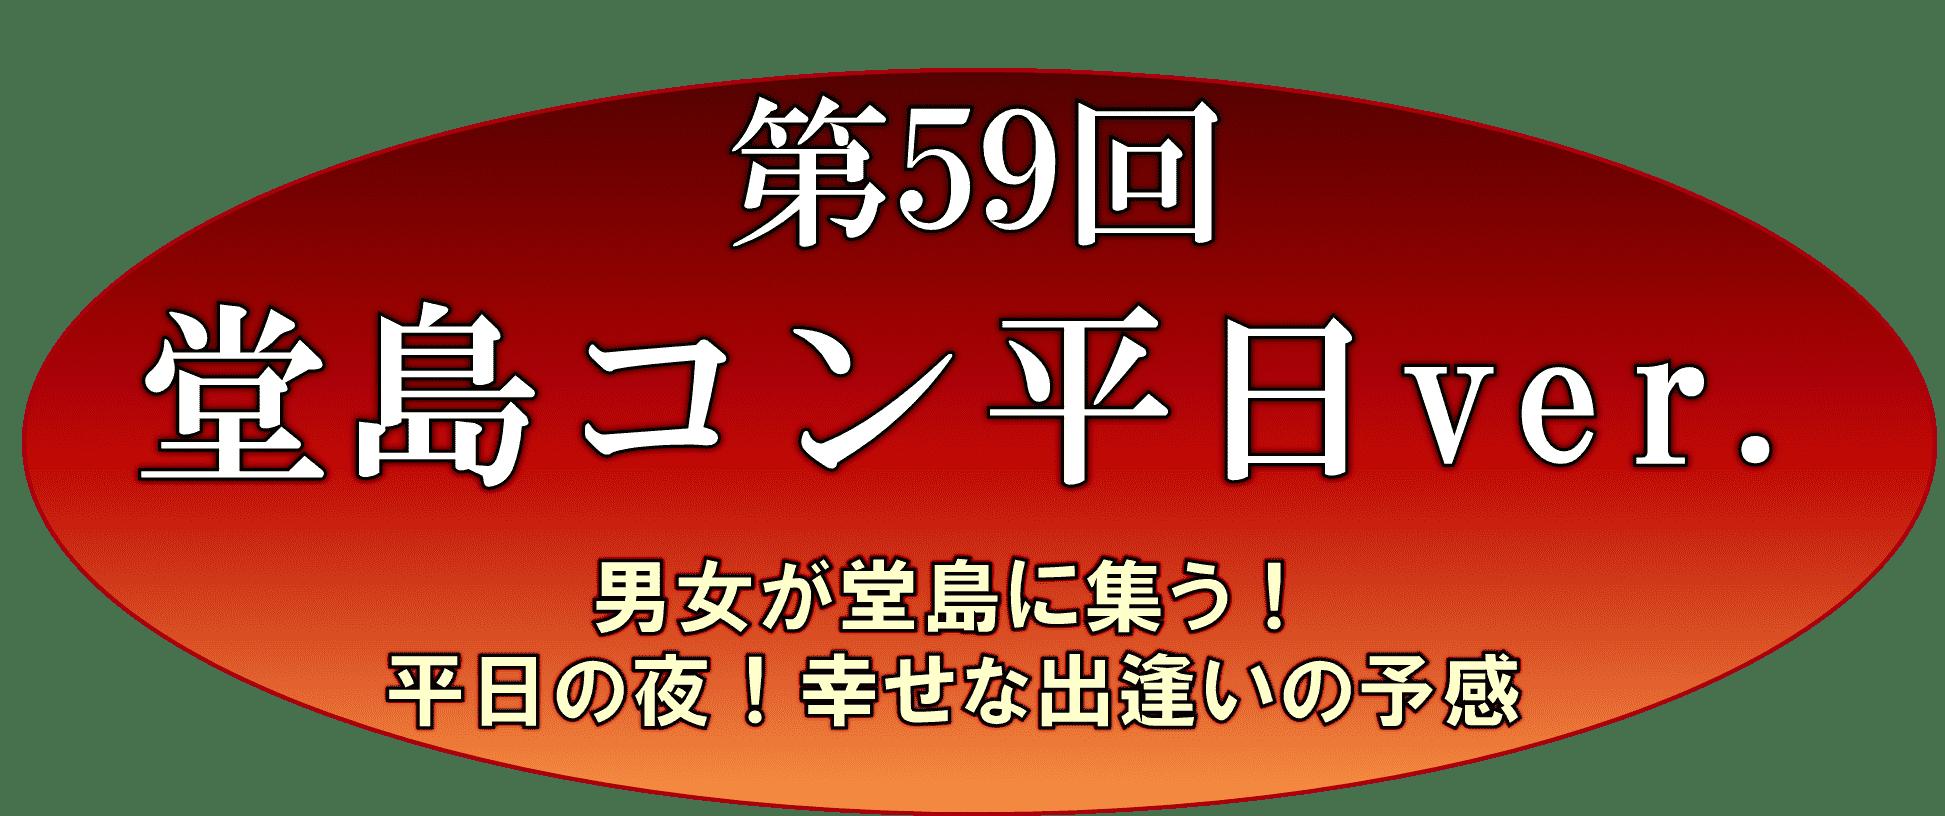 図0805